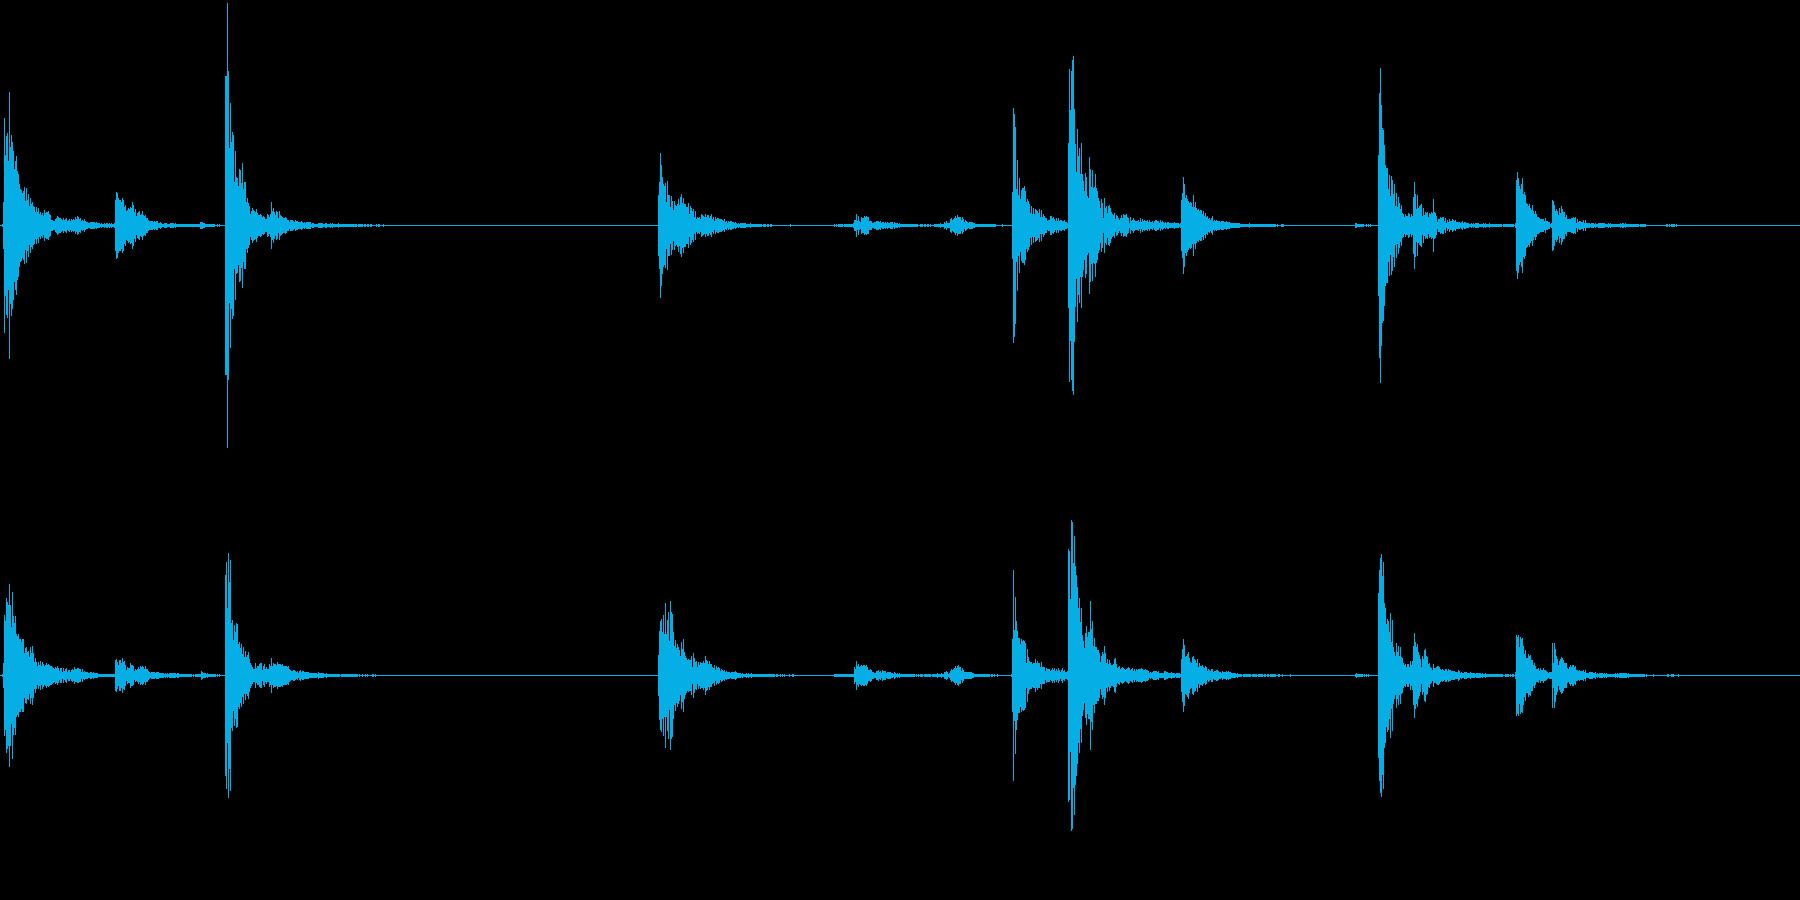 【生録音】お箸の音 23 まとめて片付けの再生済みの波形